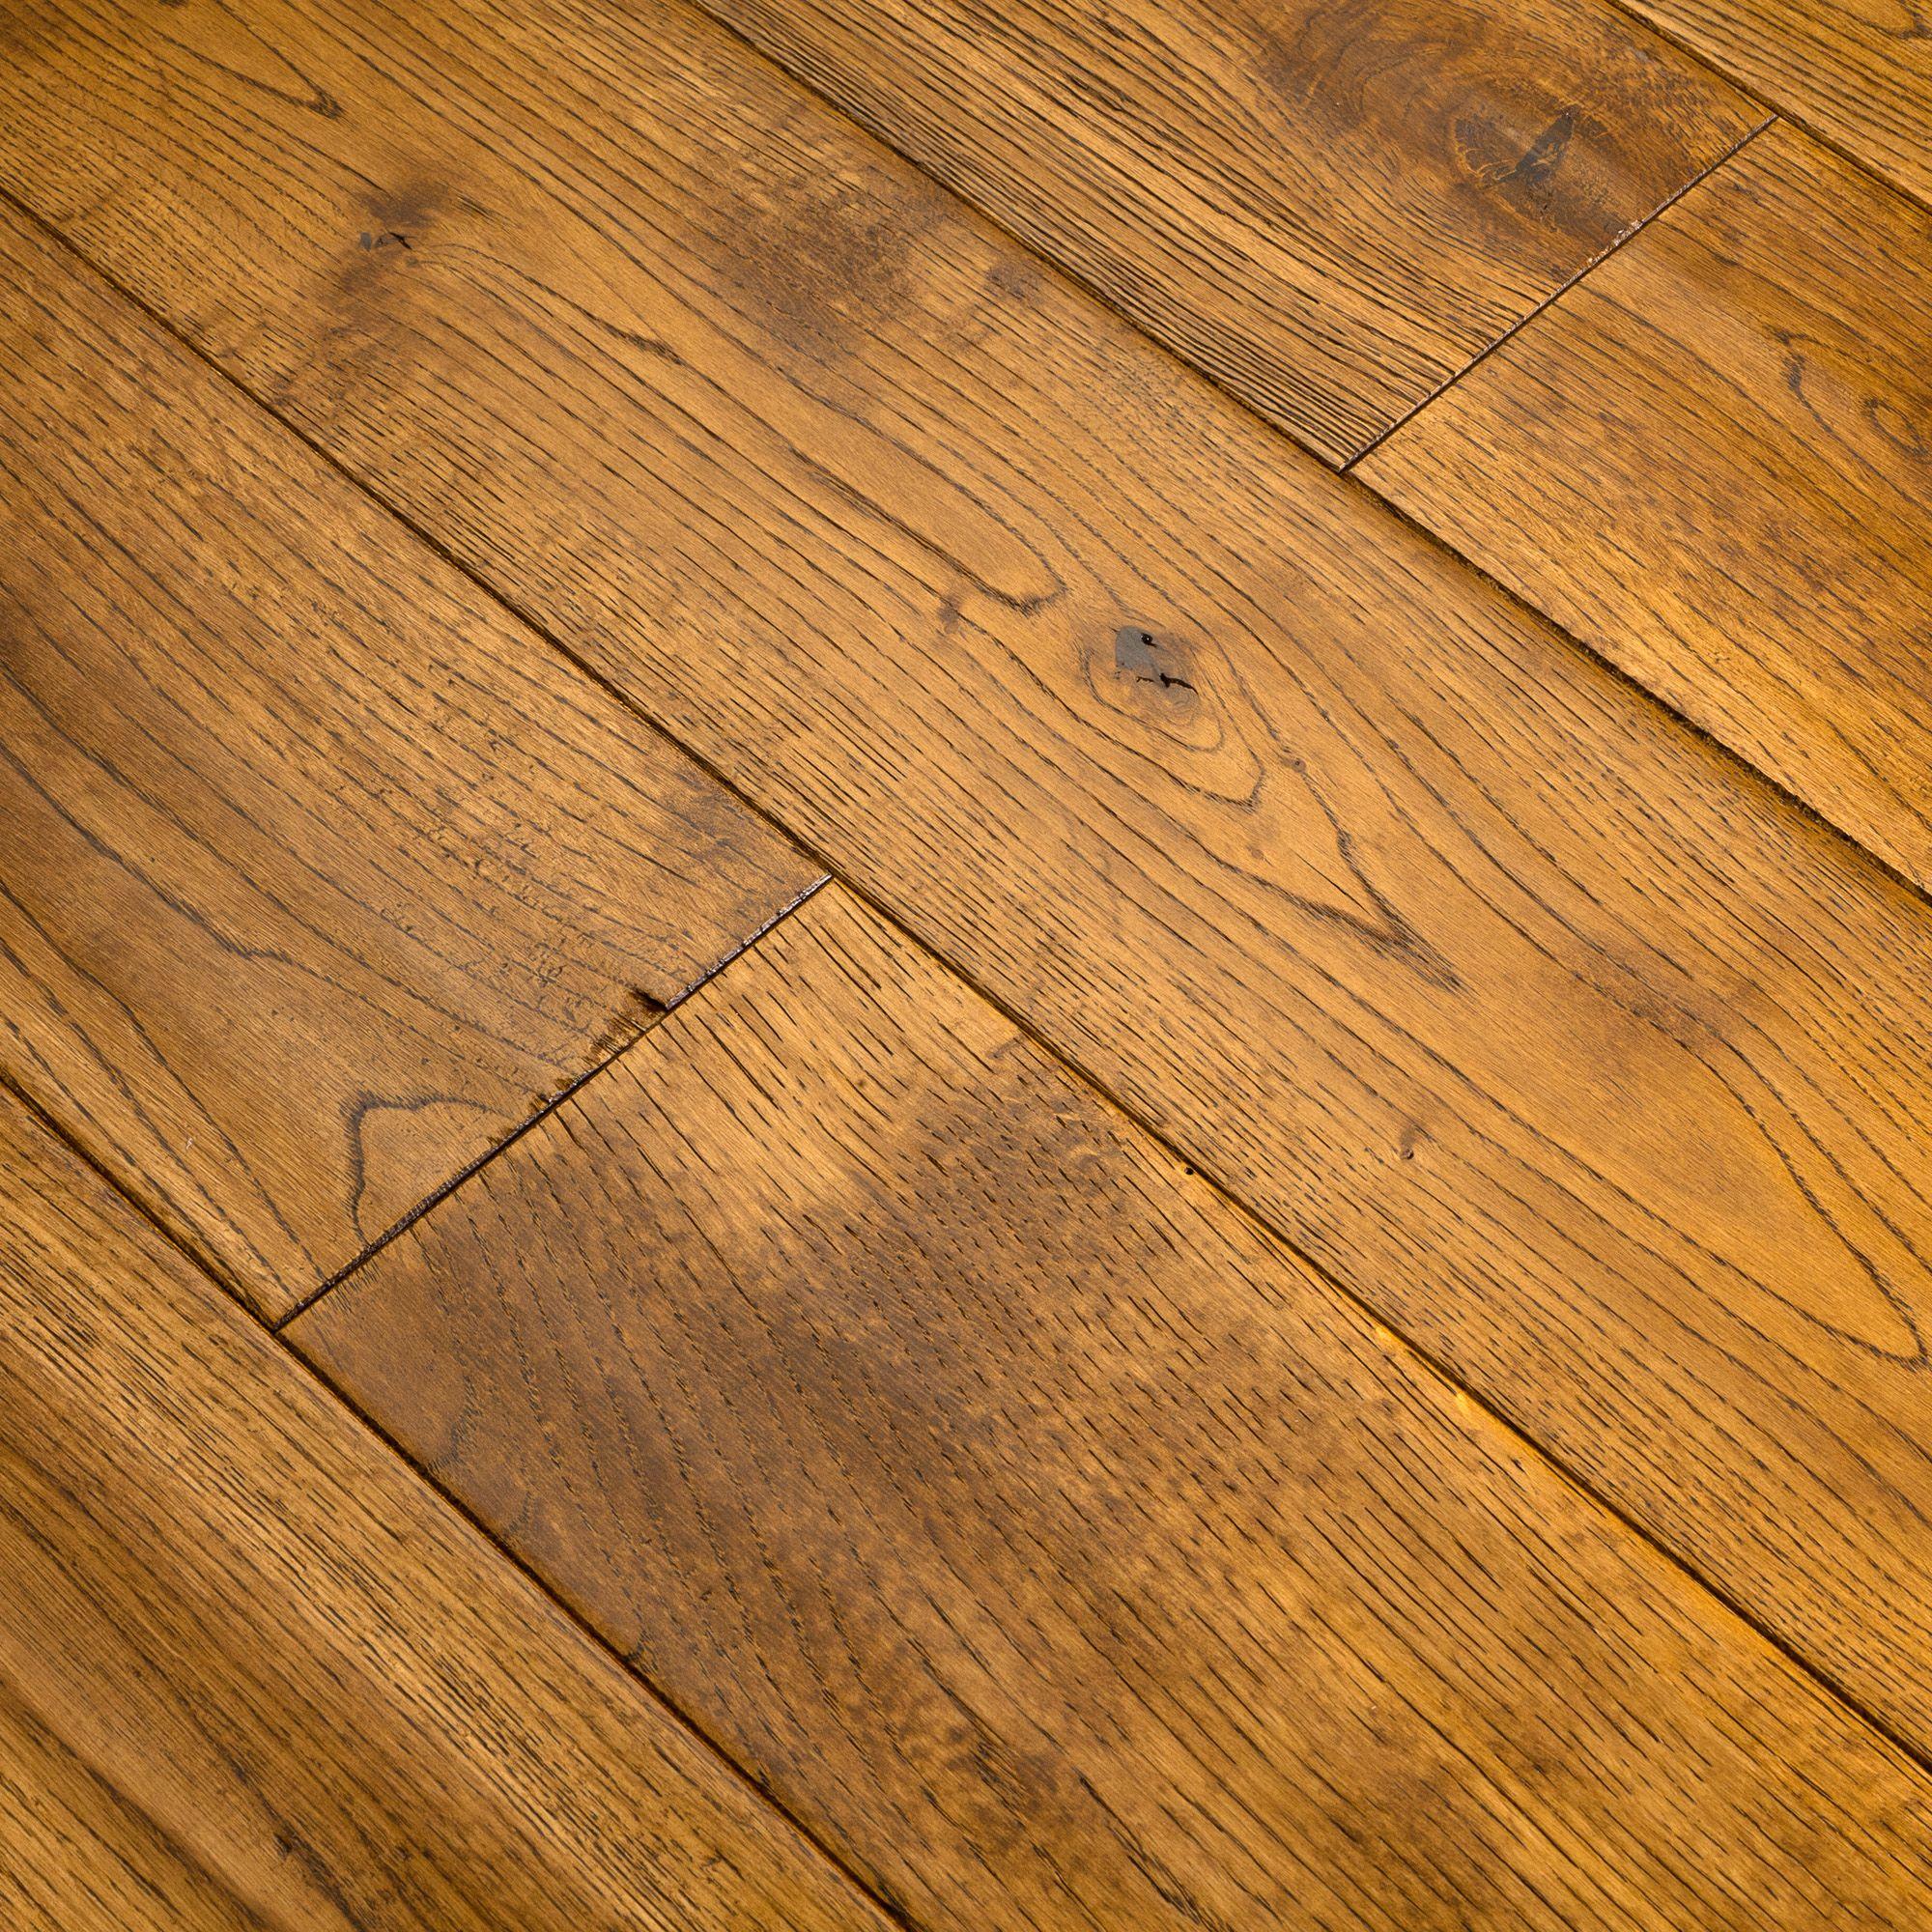 Vinyl Real Wood Flooring: Wood Flooring Or Wood Look Vinyl